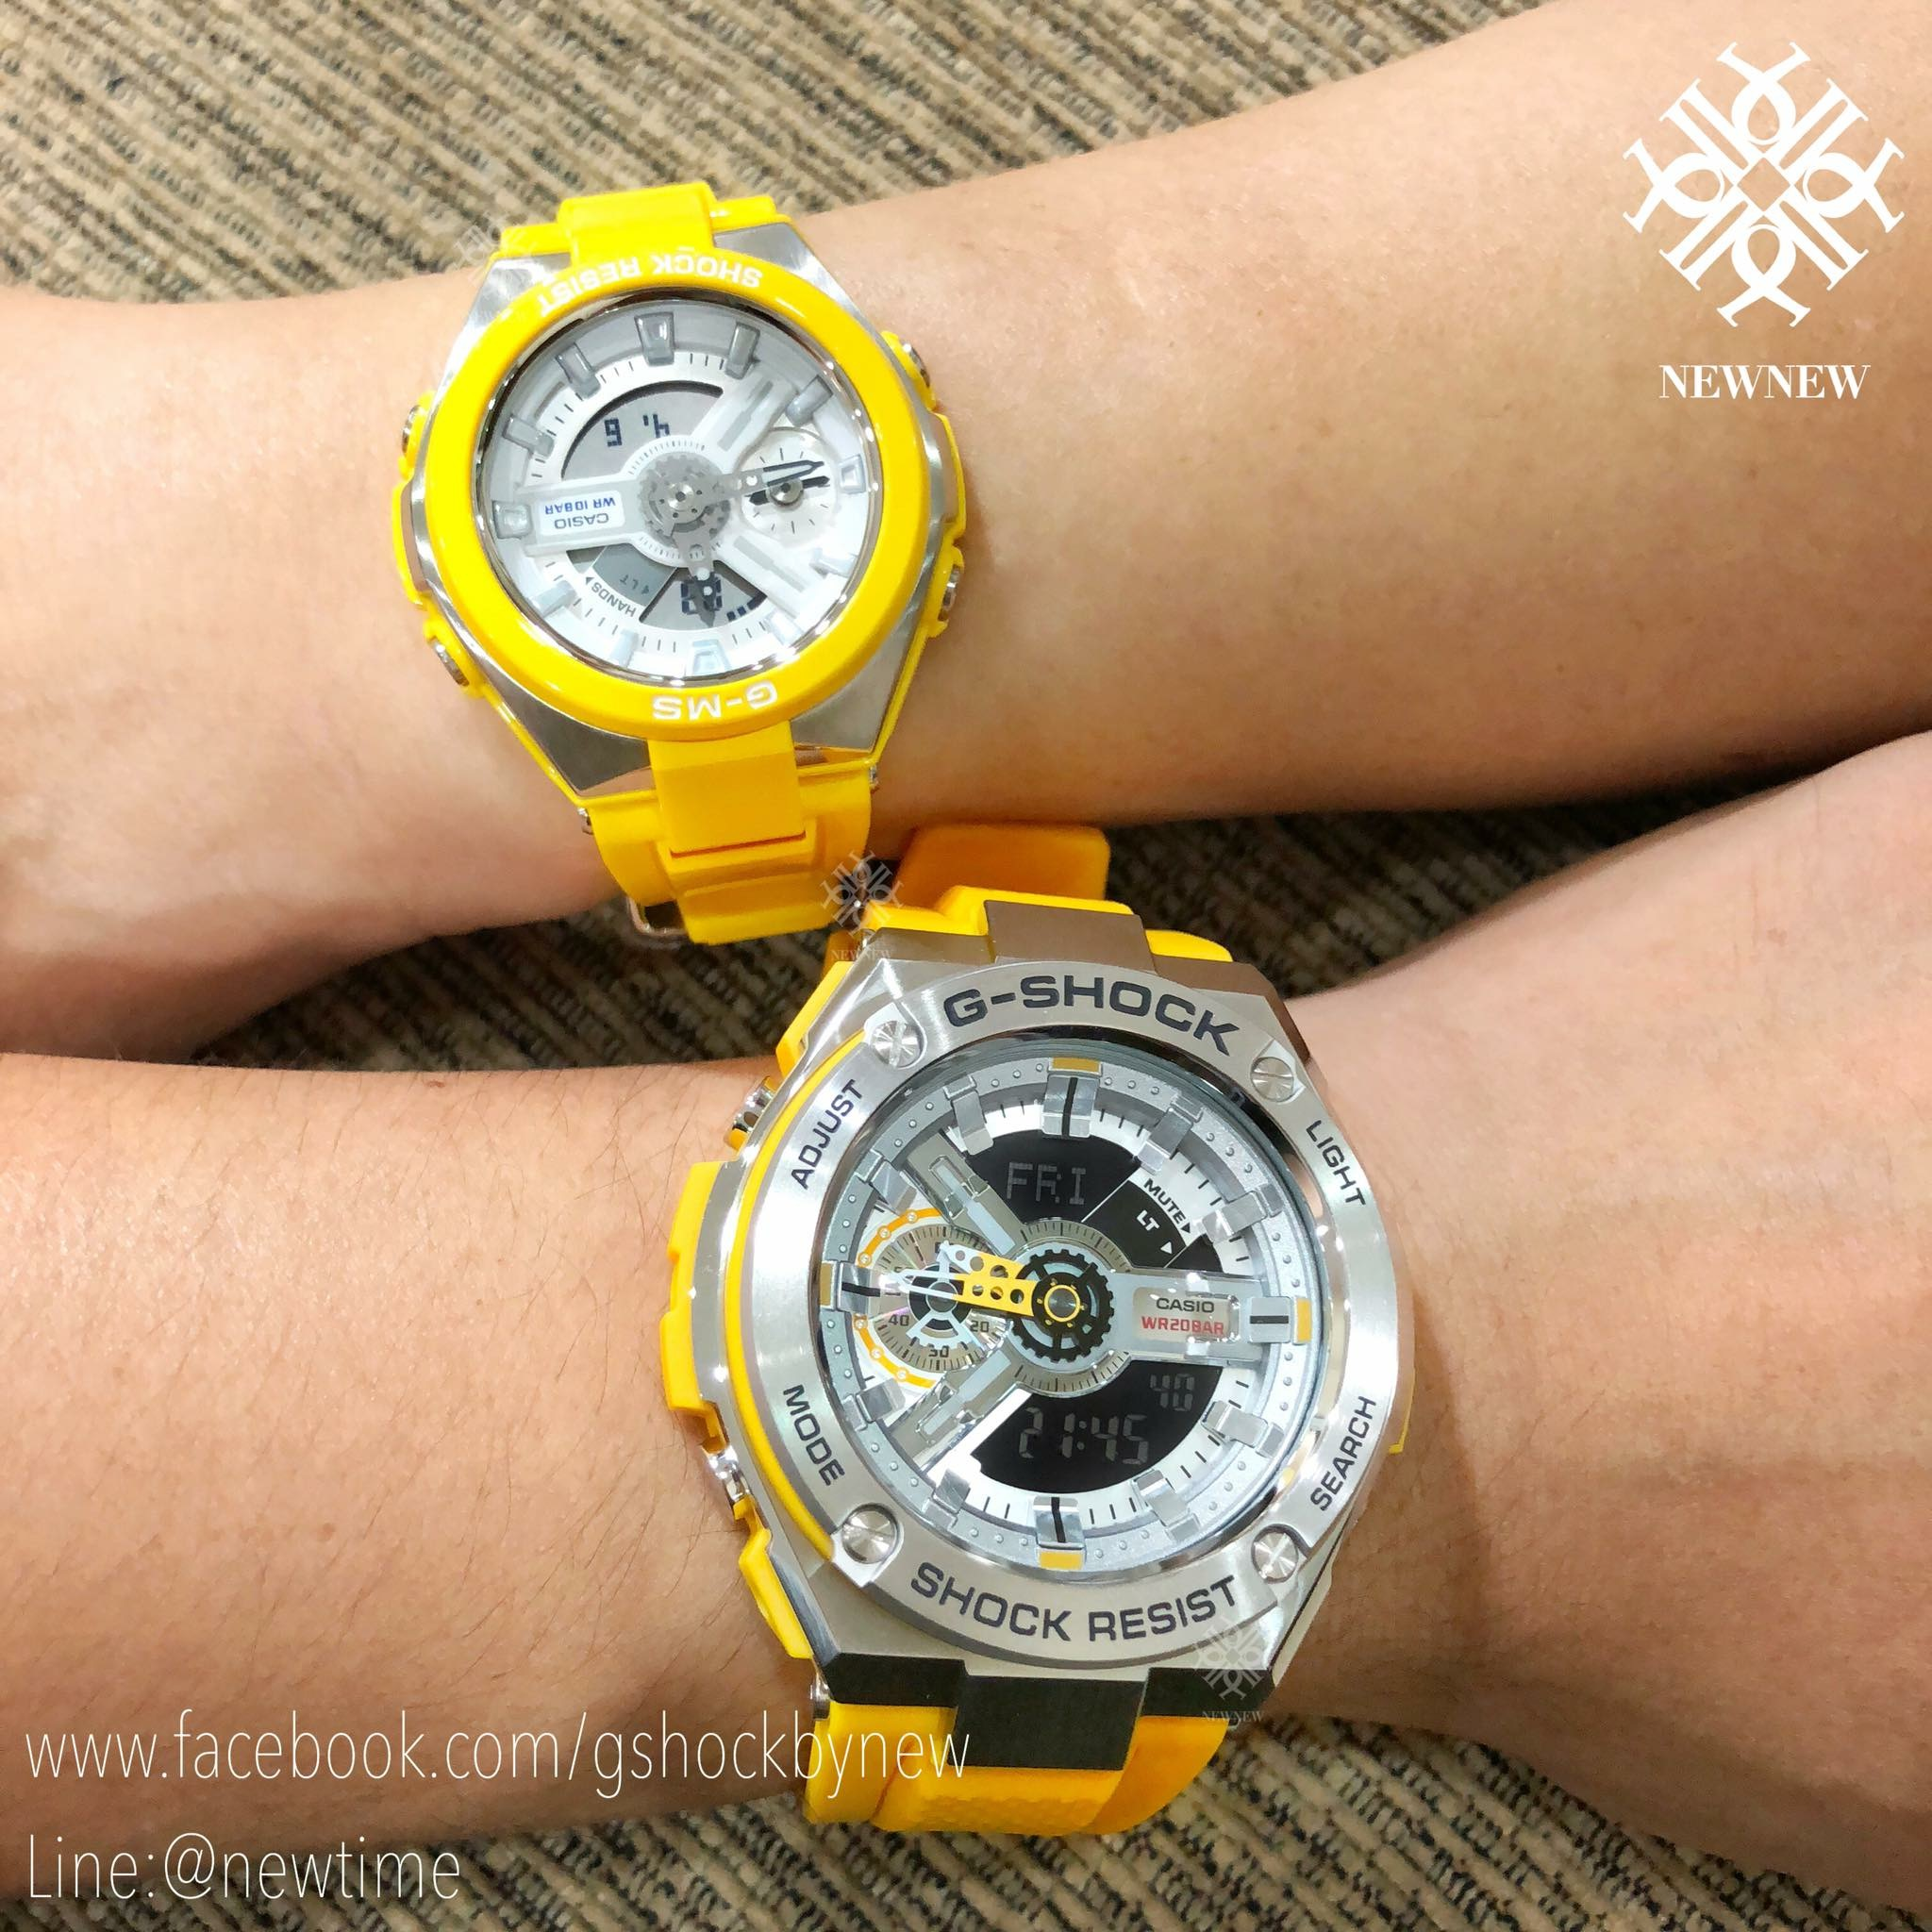 นาฬิกา Casio G-SHOCK x BABY-G คู่เหล็กSteel เซ็ตคู่รัก G-STEEL x G-MS series รุ่น GST-410-9A x MSG-400-9A Pair set ของแท้ รับประกันศูนย์ 1 ปี